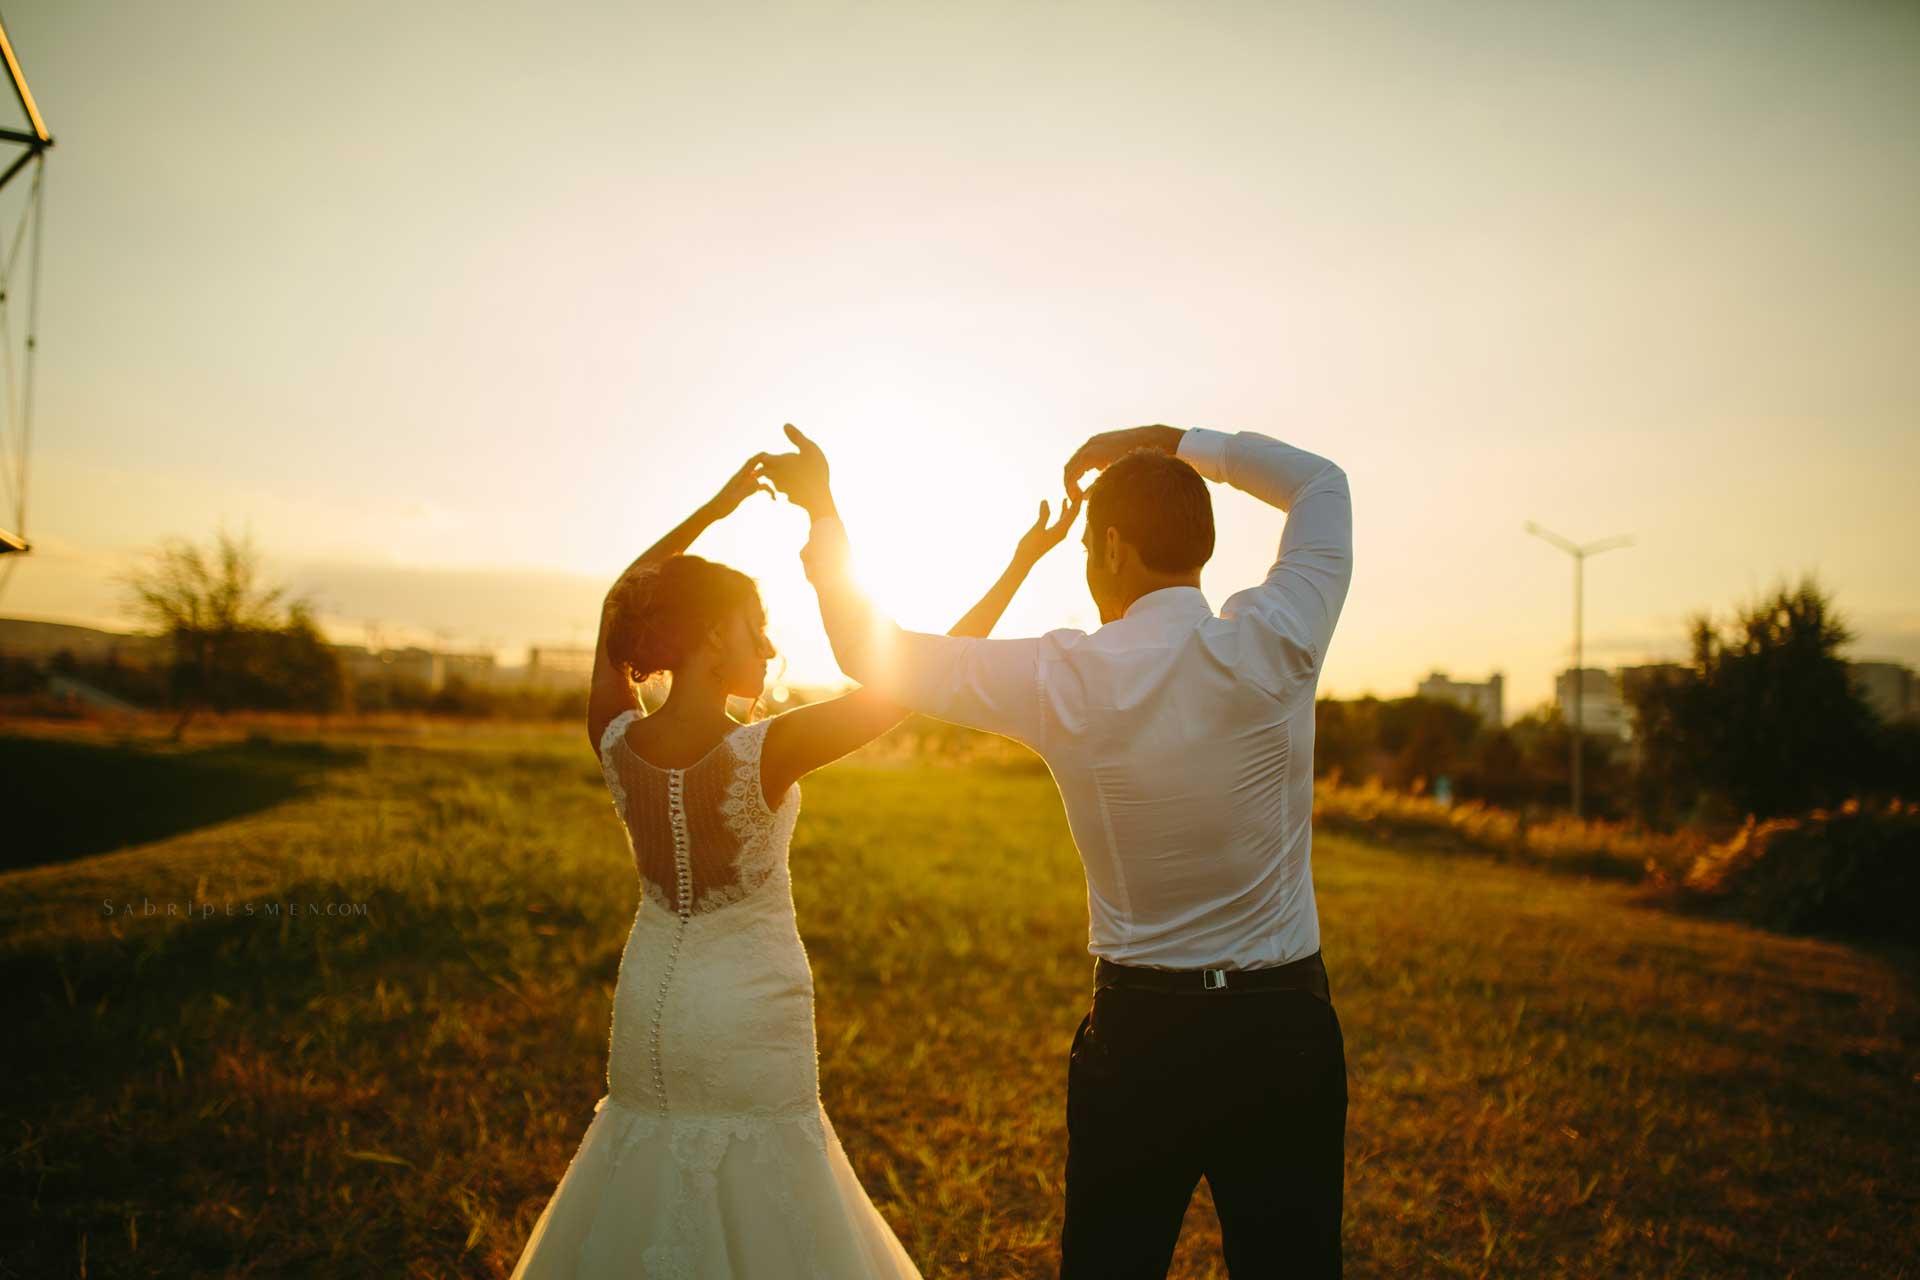 Bursa Düğün Fotoğrafları, Düğün Fotoğrafçısı Bursa,Tirilye,Mudanya,Cumalıkızık, Dış Çekim Fotoğrafçısı Bursa